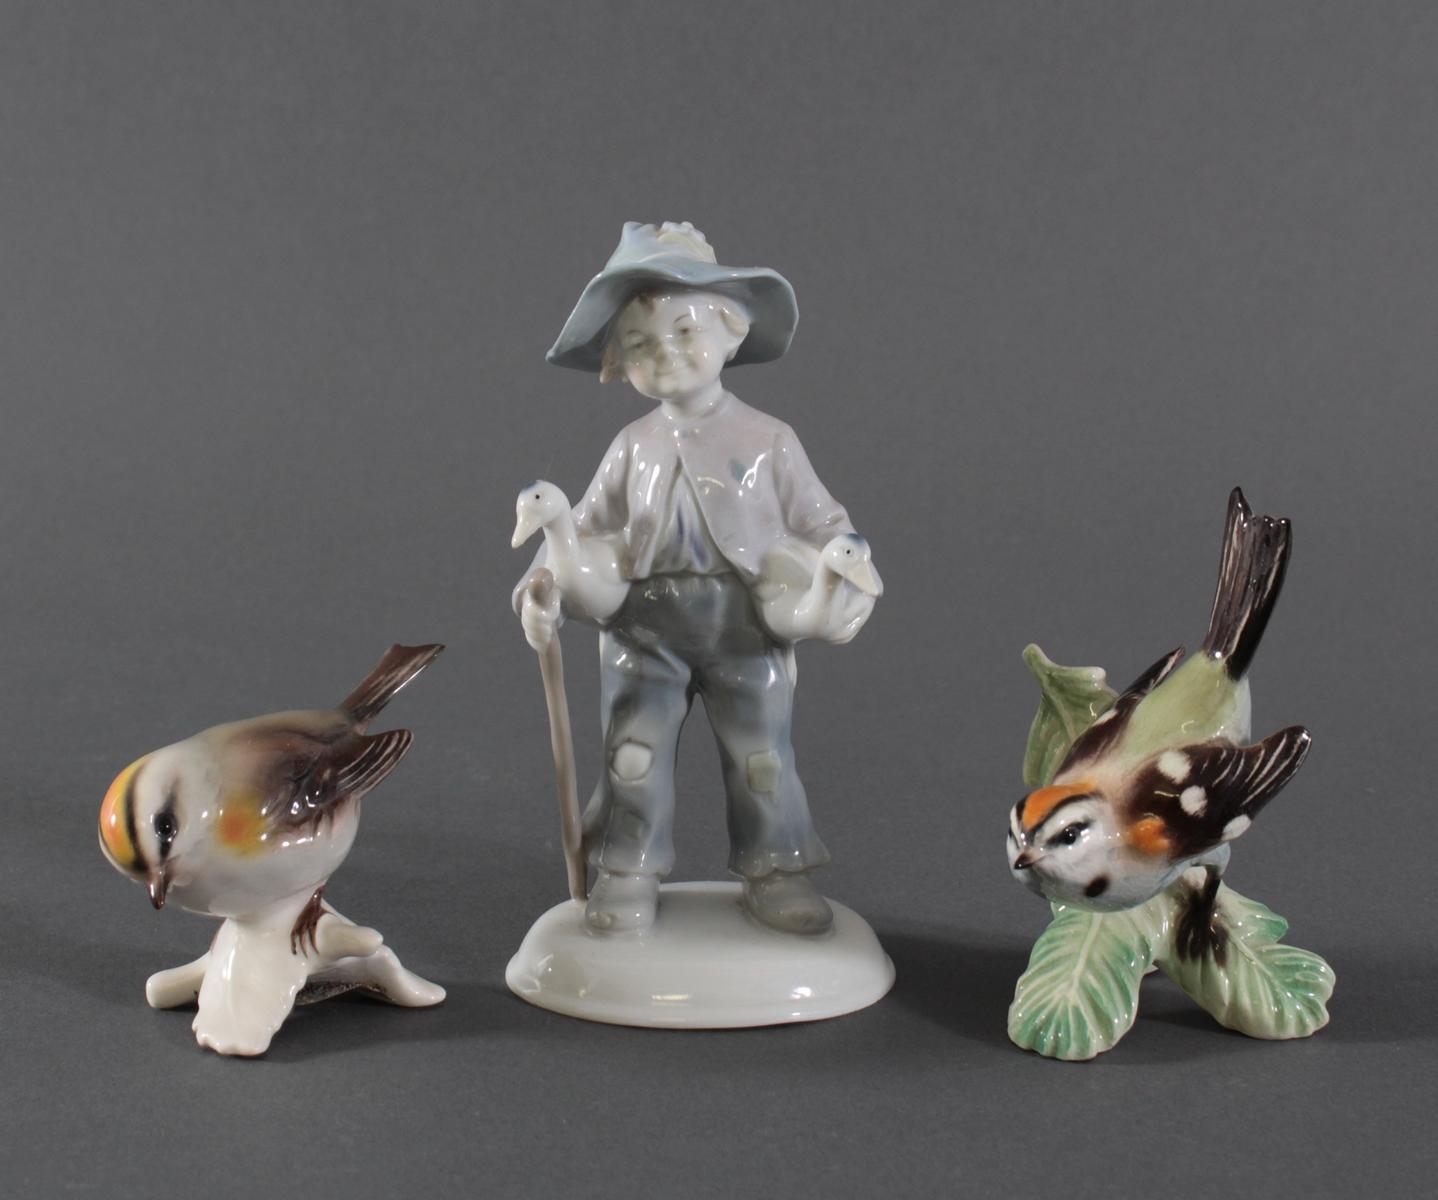 3 Porzelanfiguren, Goebel und Ilmenau, Weißporzellan mit polychromer Bemalung